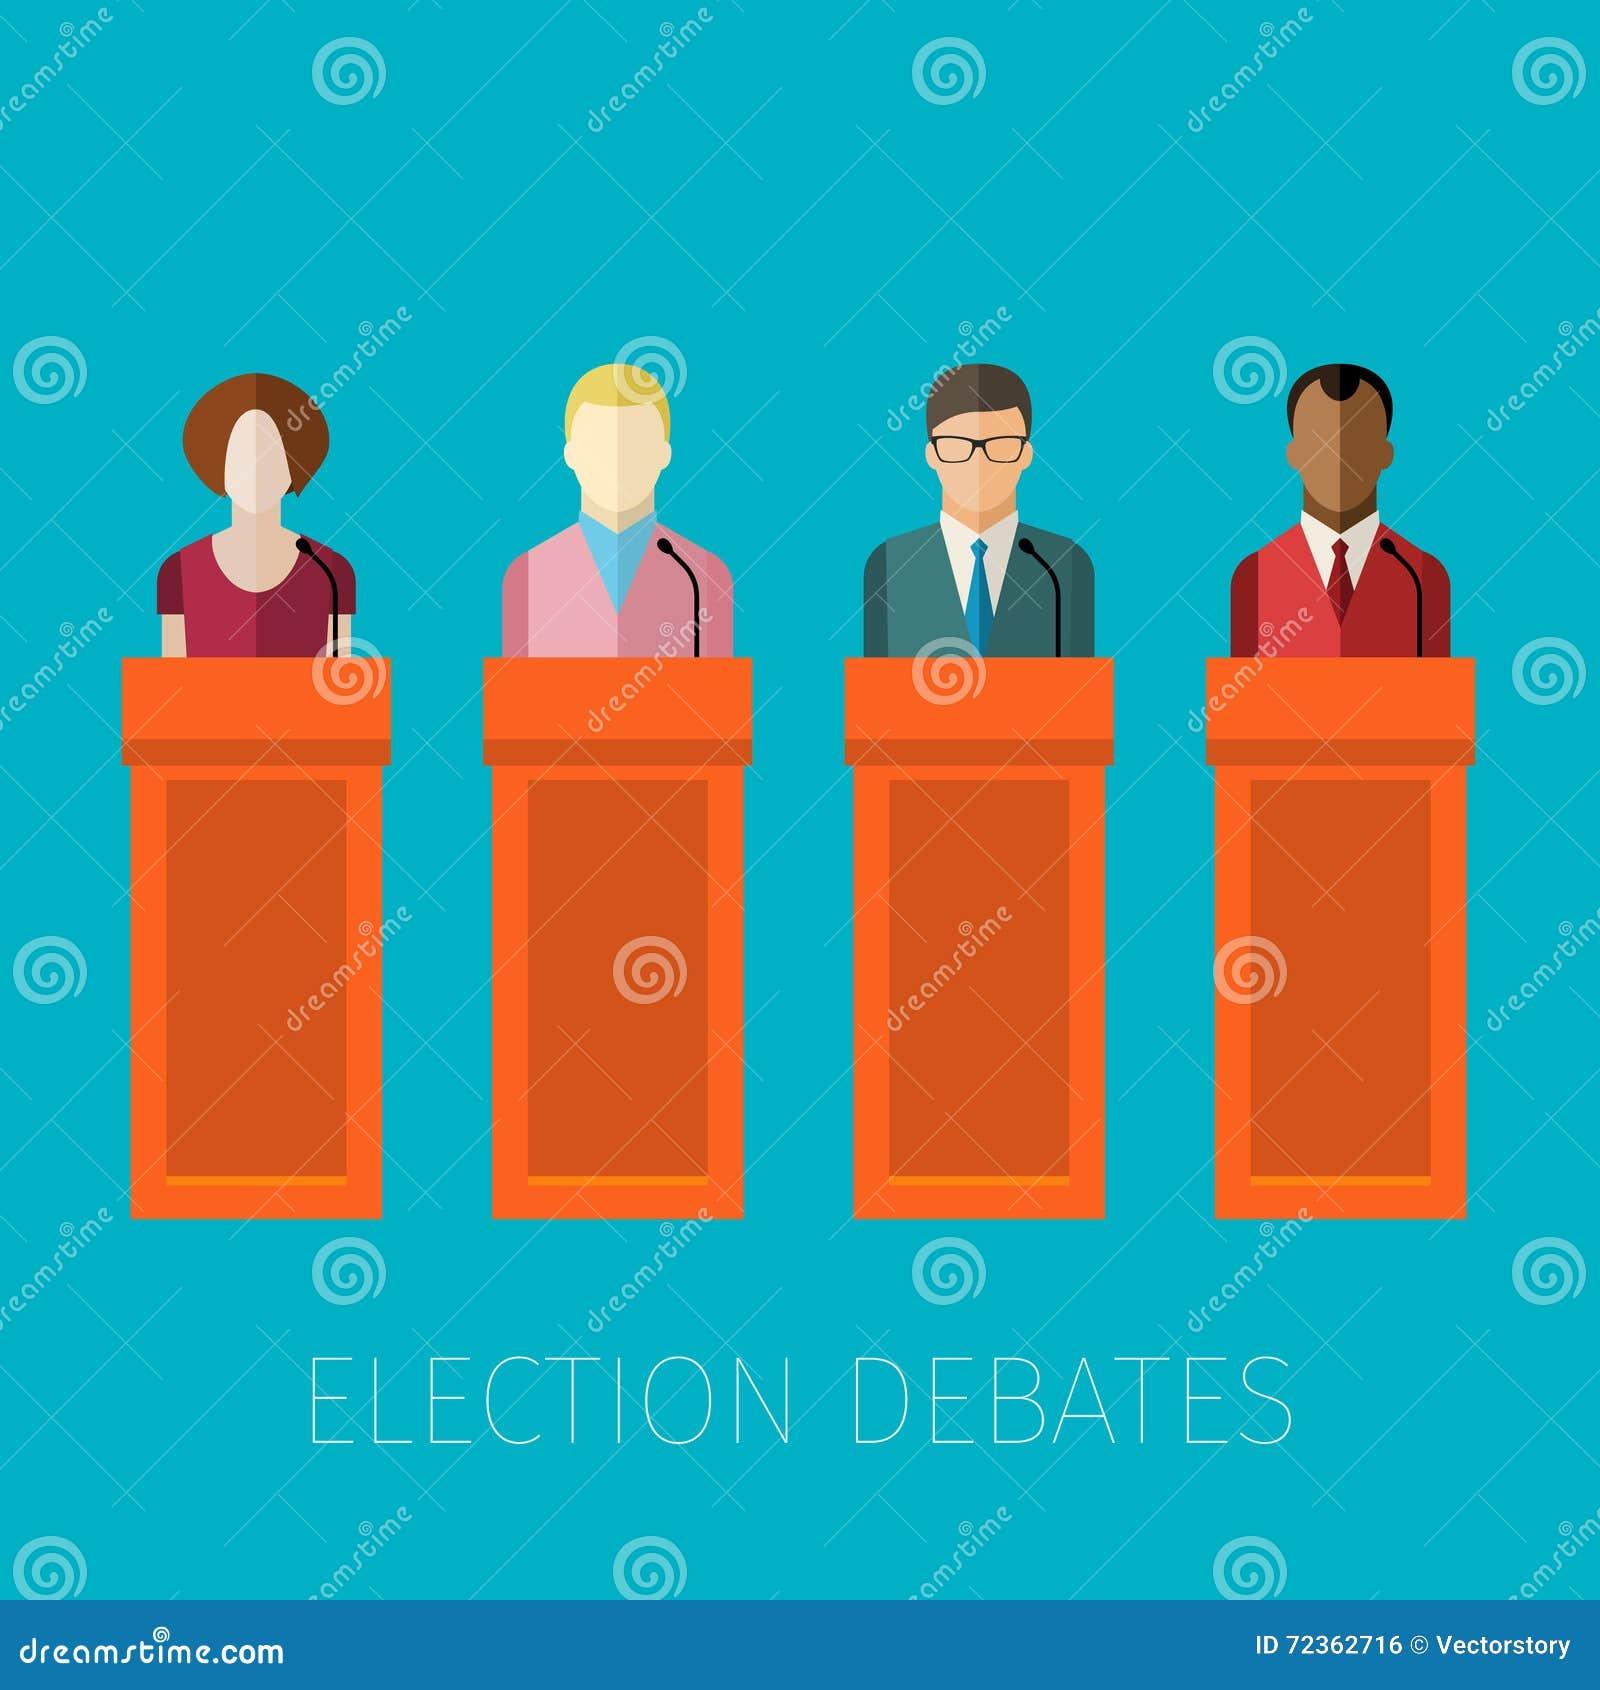 竞选辩论的概念